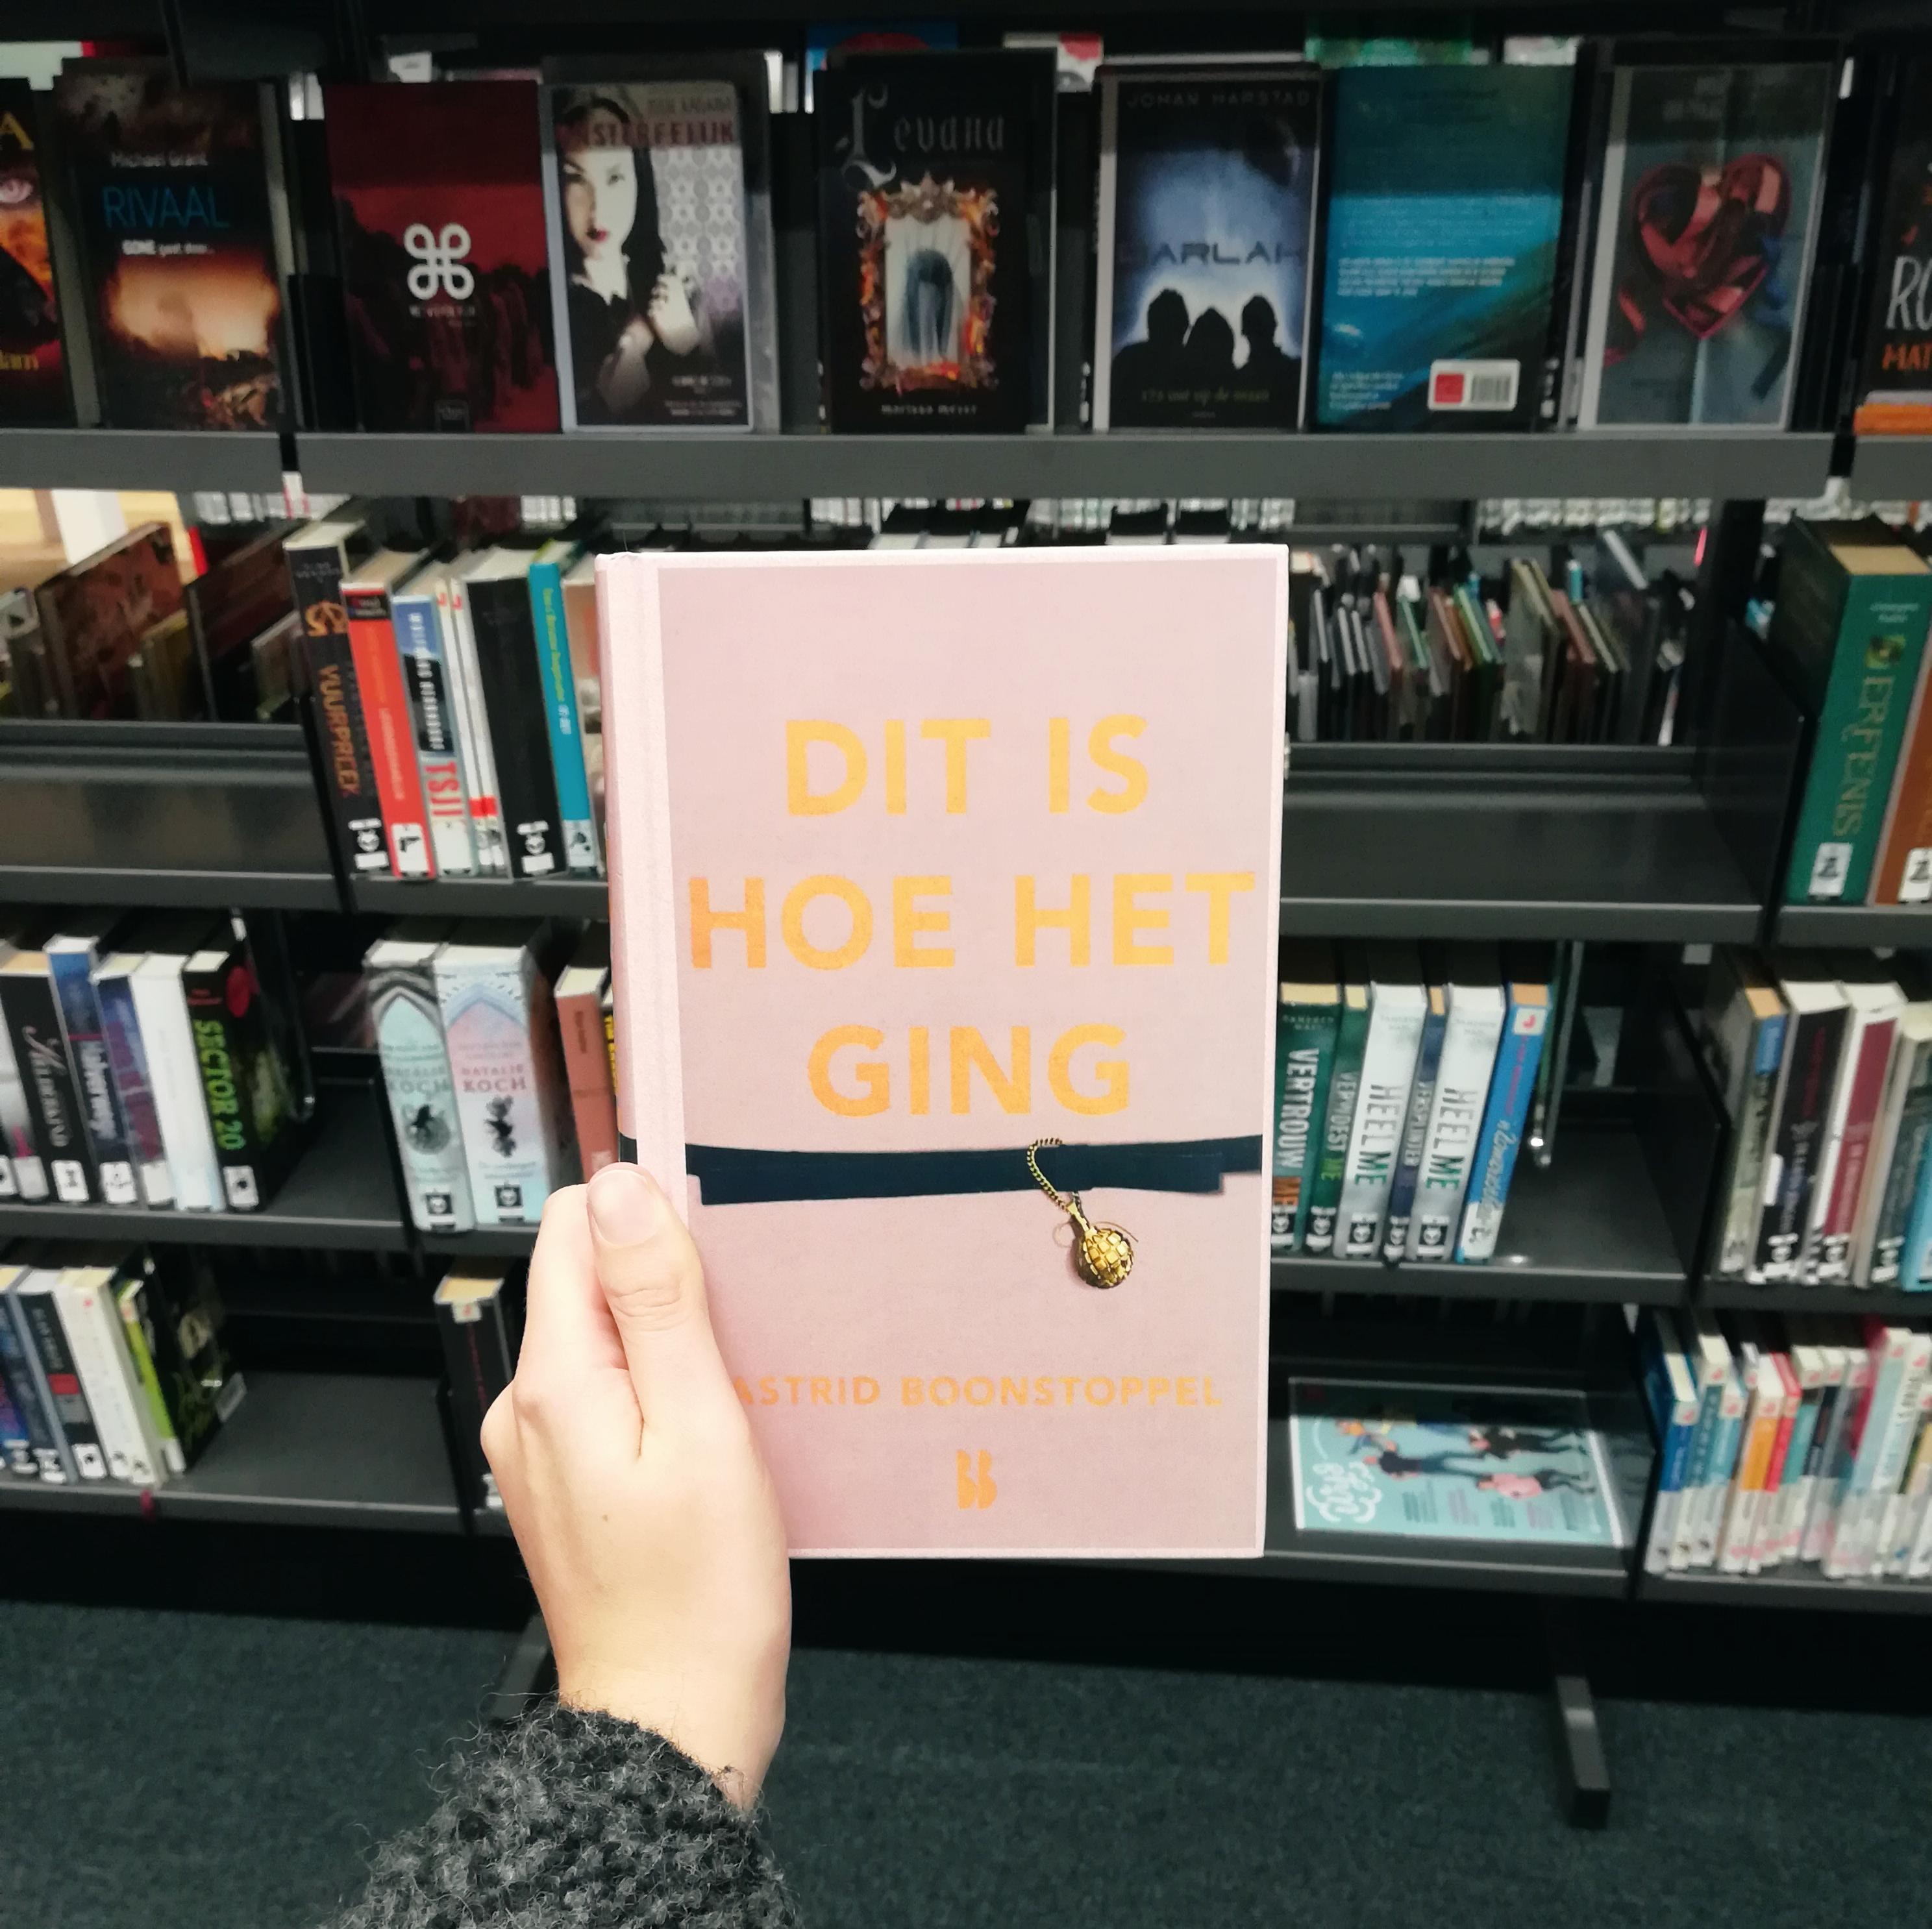 Dit is hoe het ging - Astrid Boonstoppel | Marieke's Books